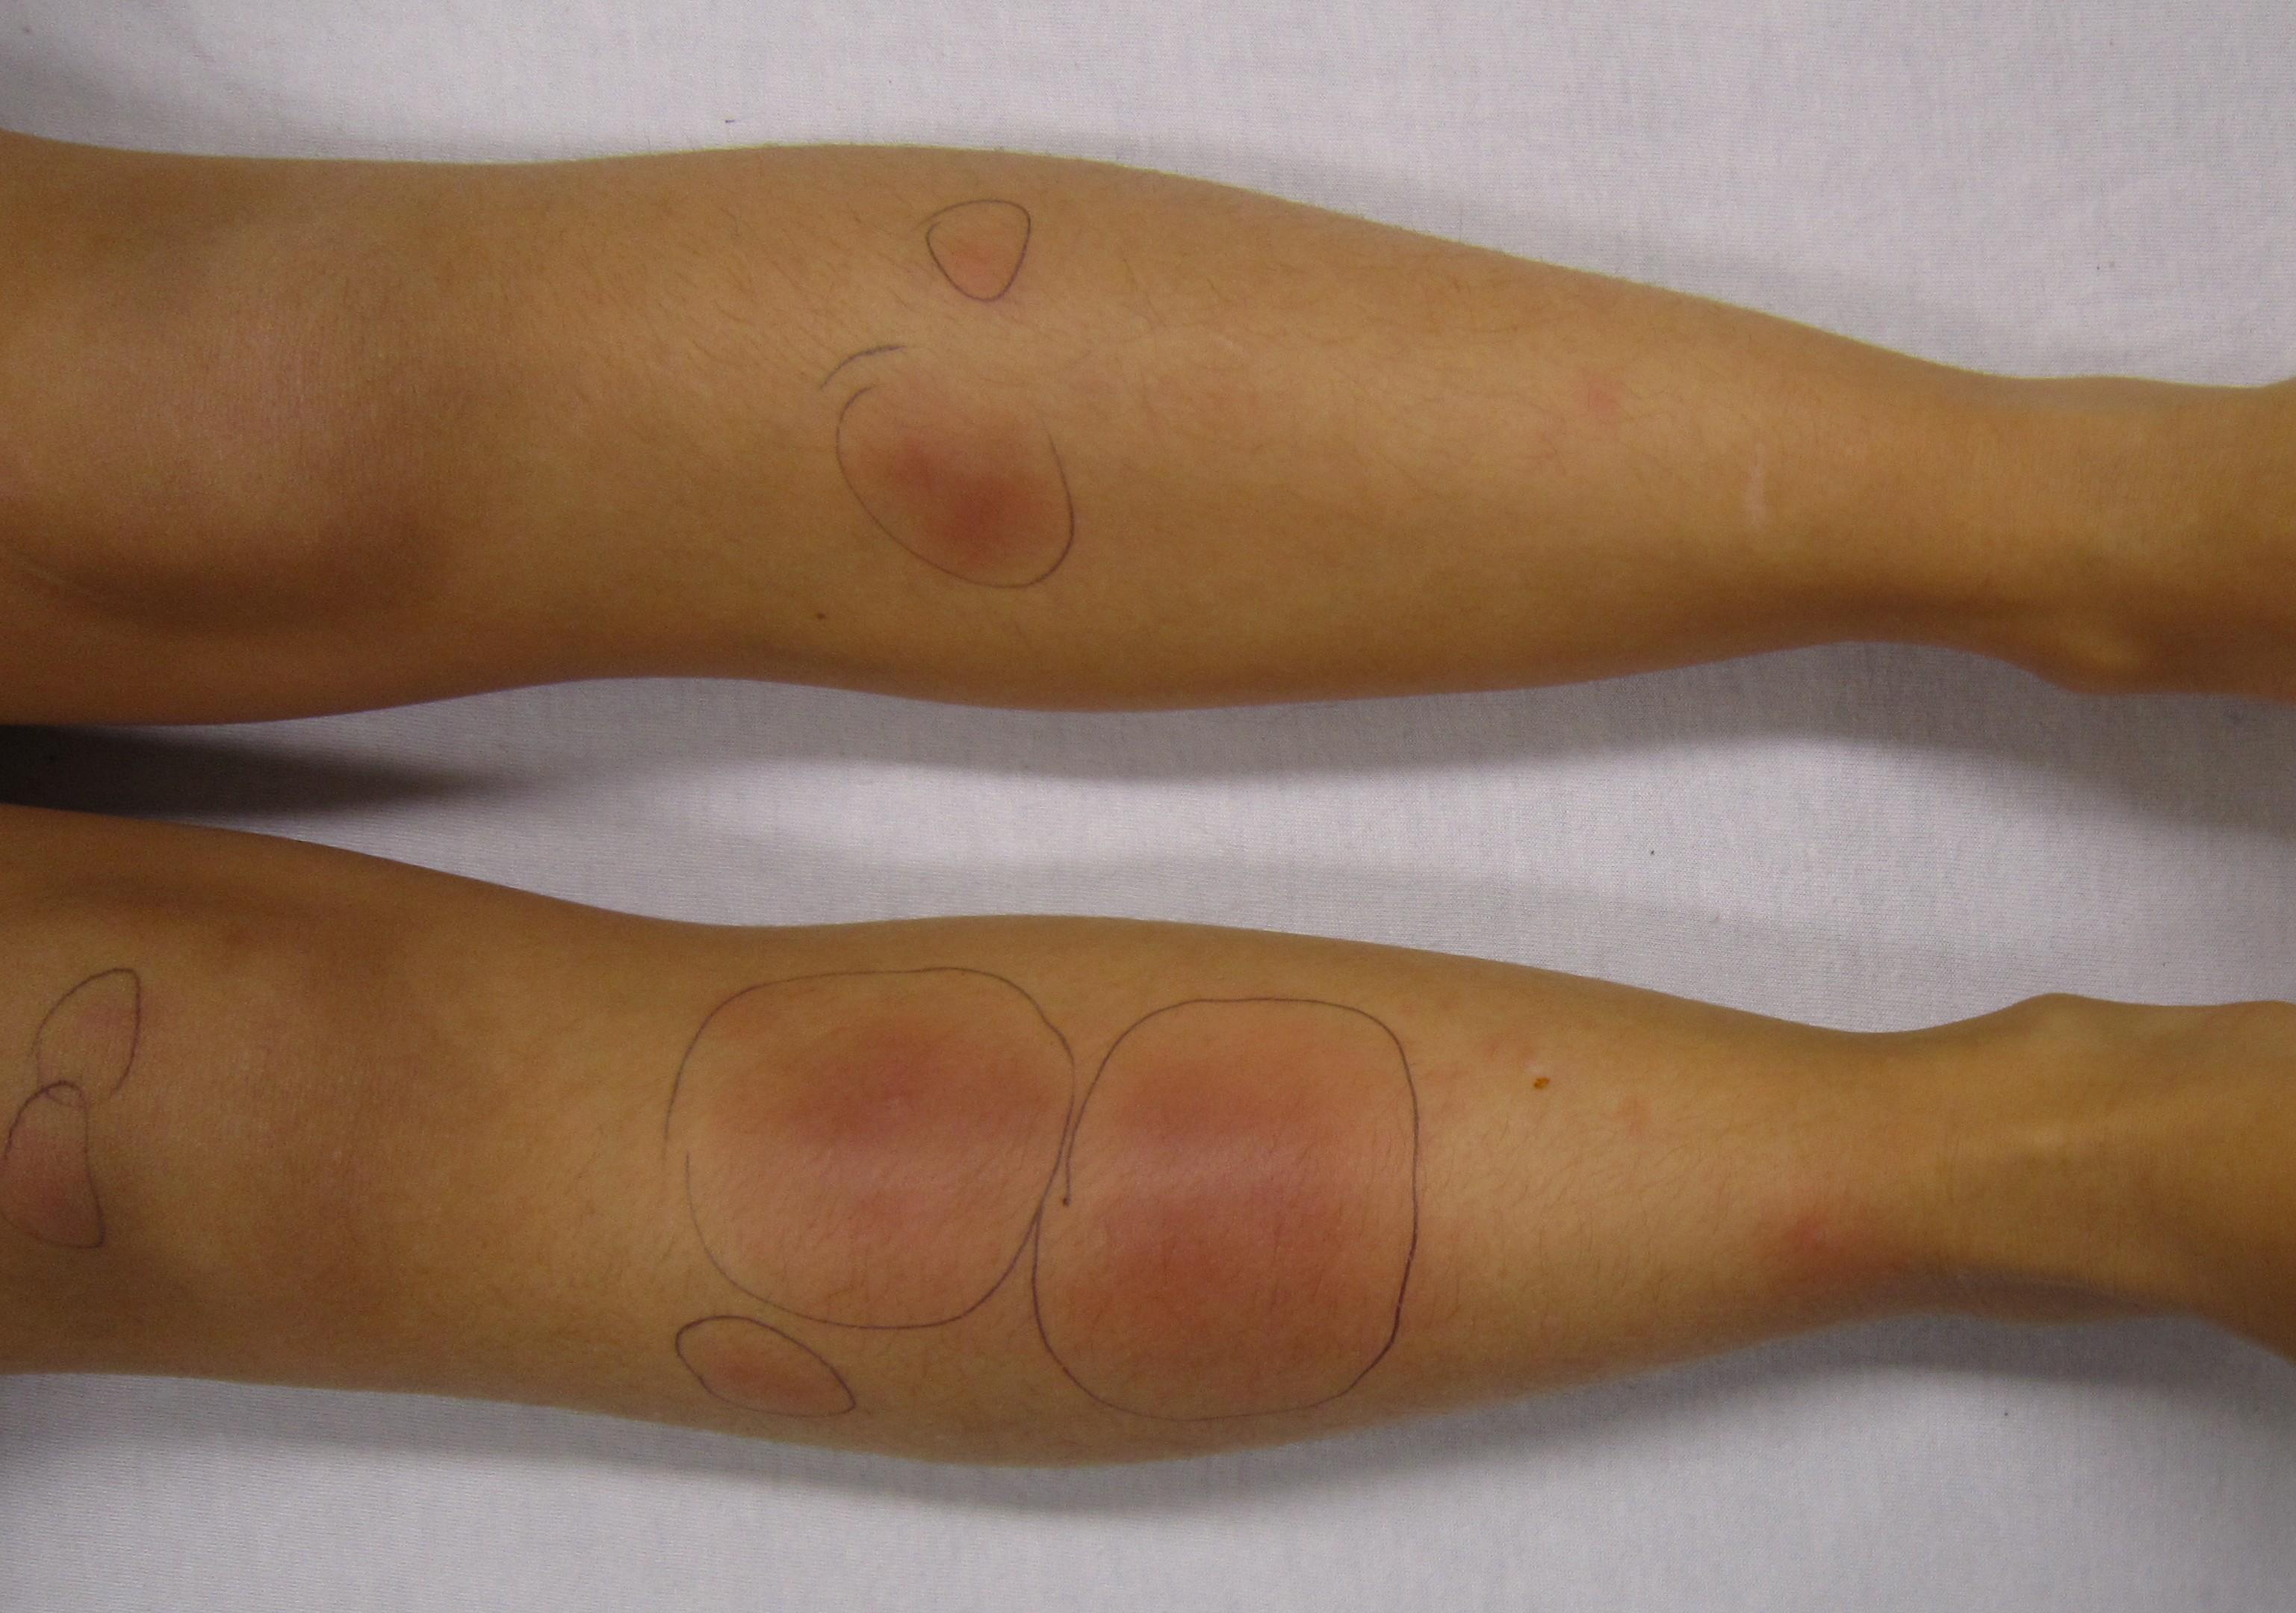 Caroço câncer no de um é perna meu